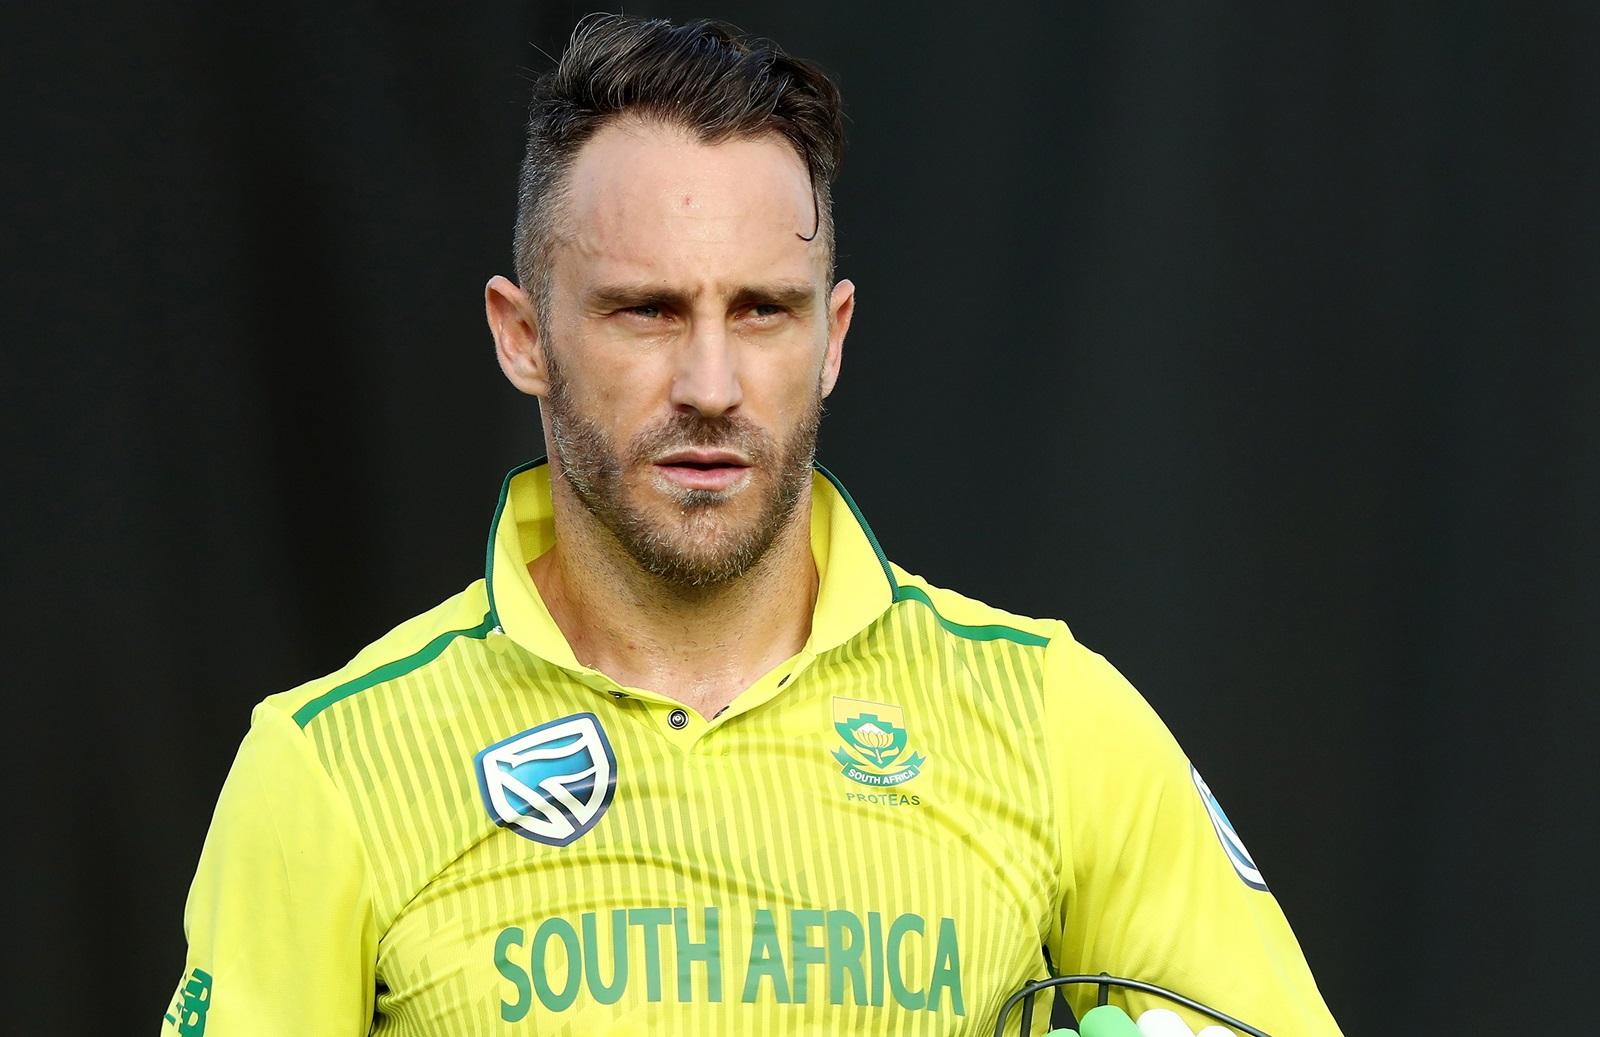 Faf Du Plessis Biography